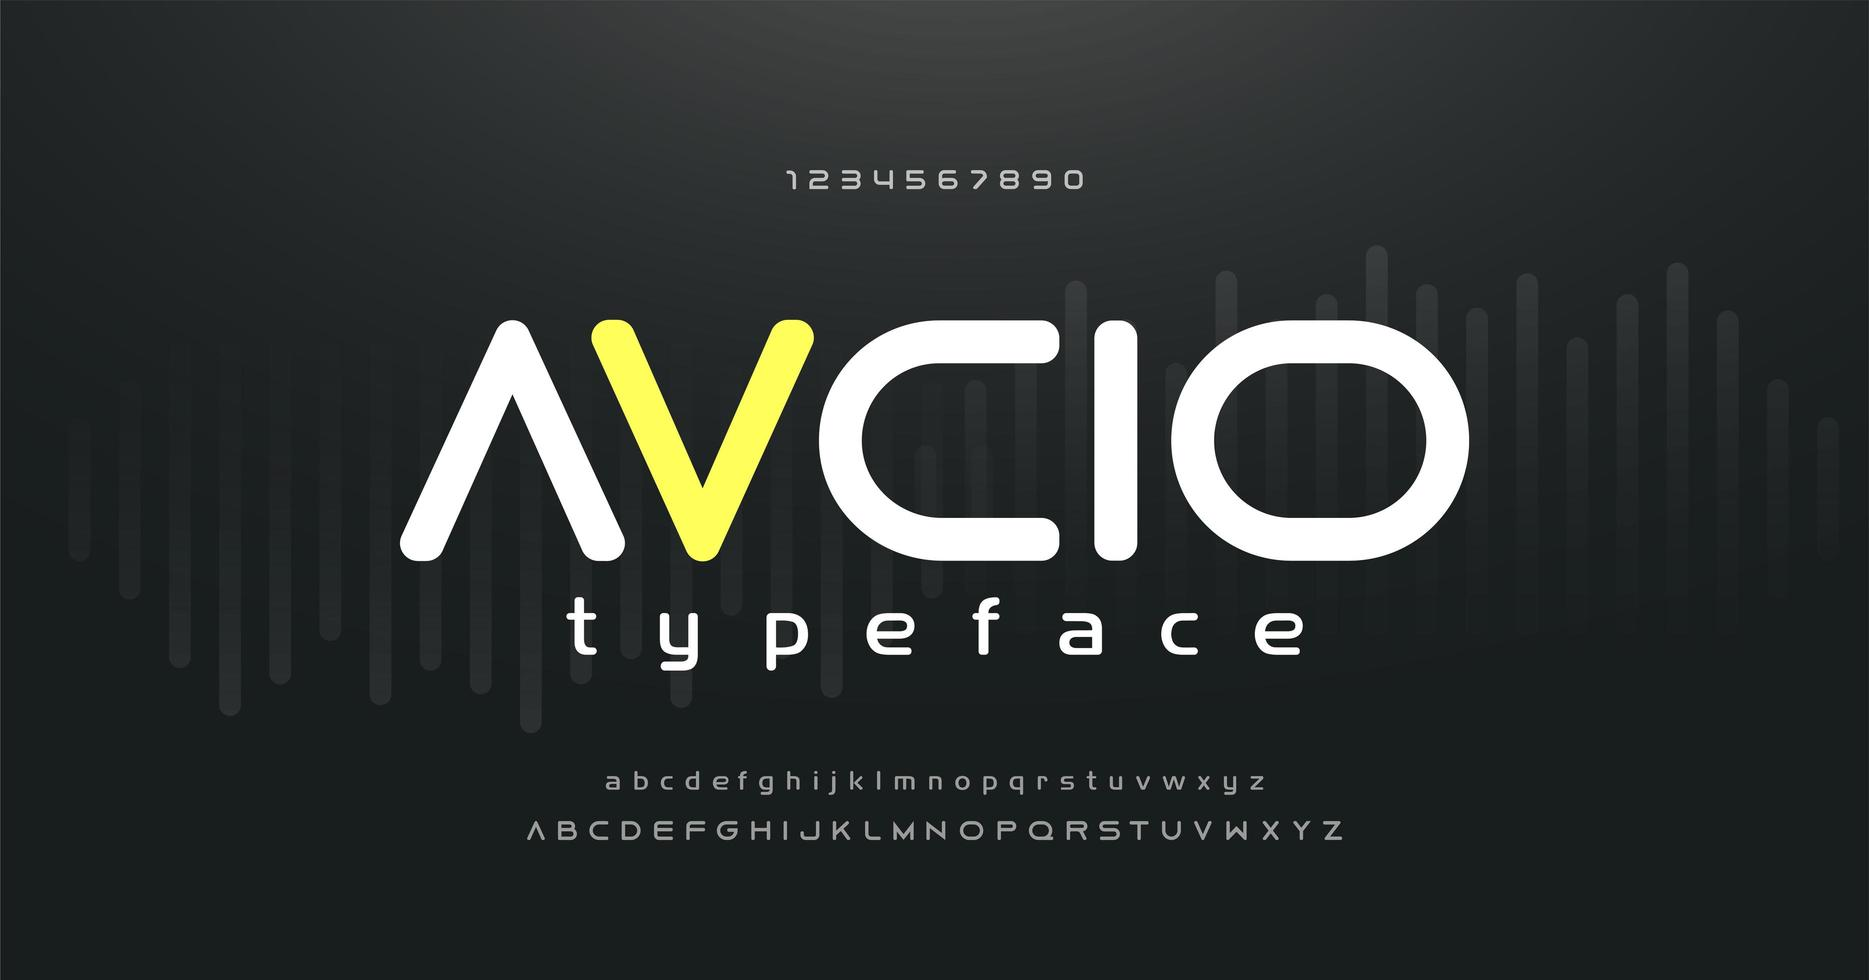 digitales Musik modernes Alphabet und Zahlenschrift vektor